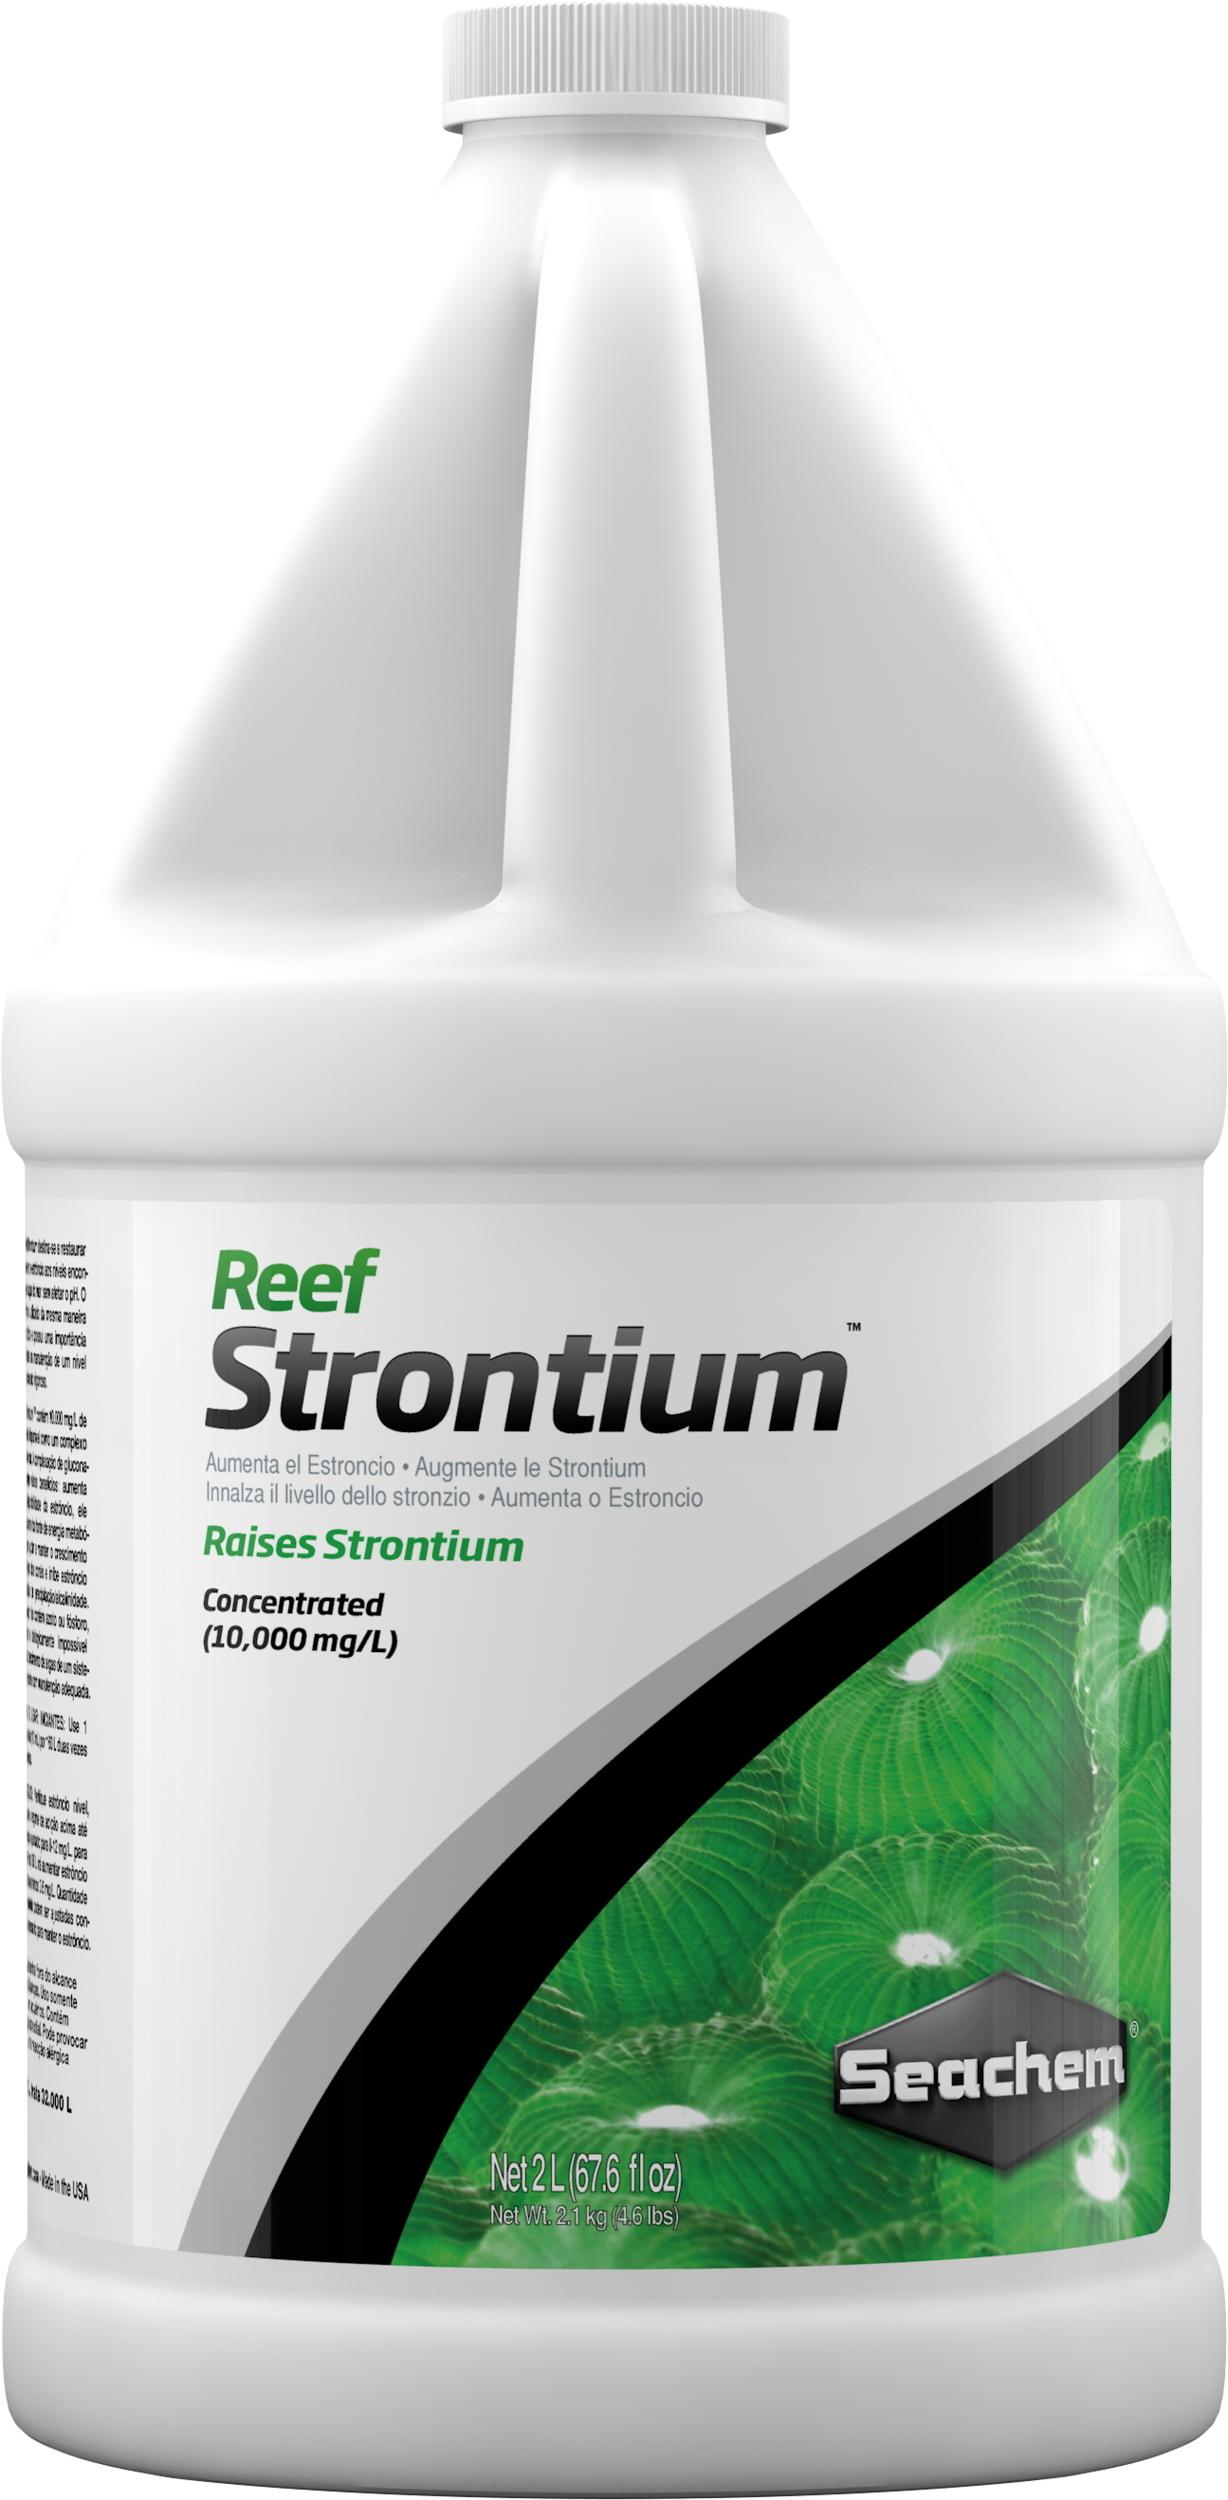 SEACHEM Reef Strontium 2 L complément concentré qui maintient et restaure le niveau de Strontium